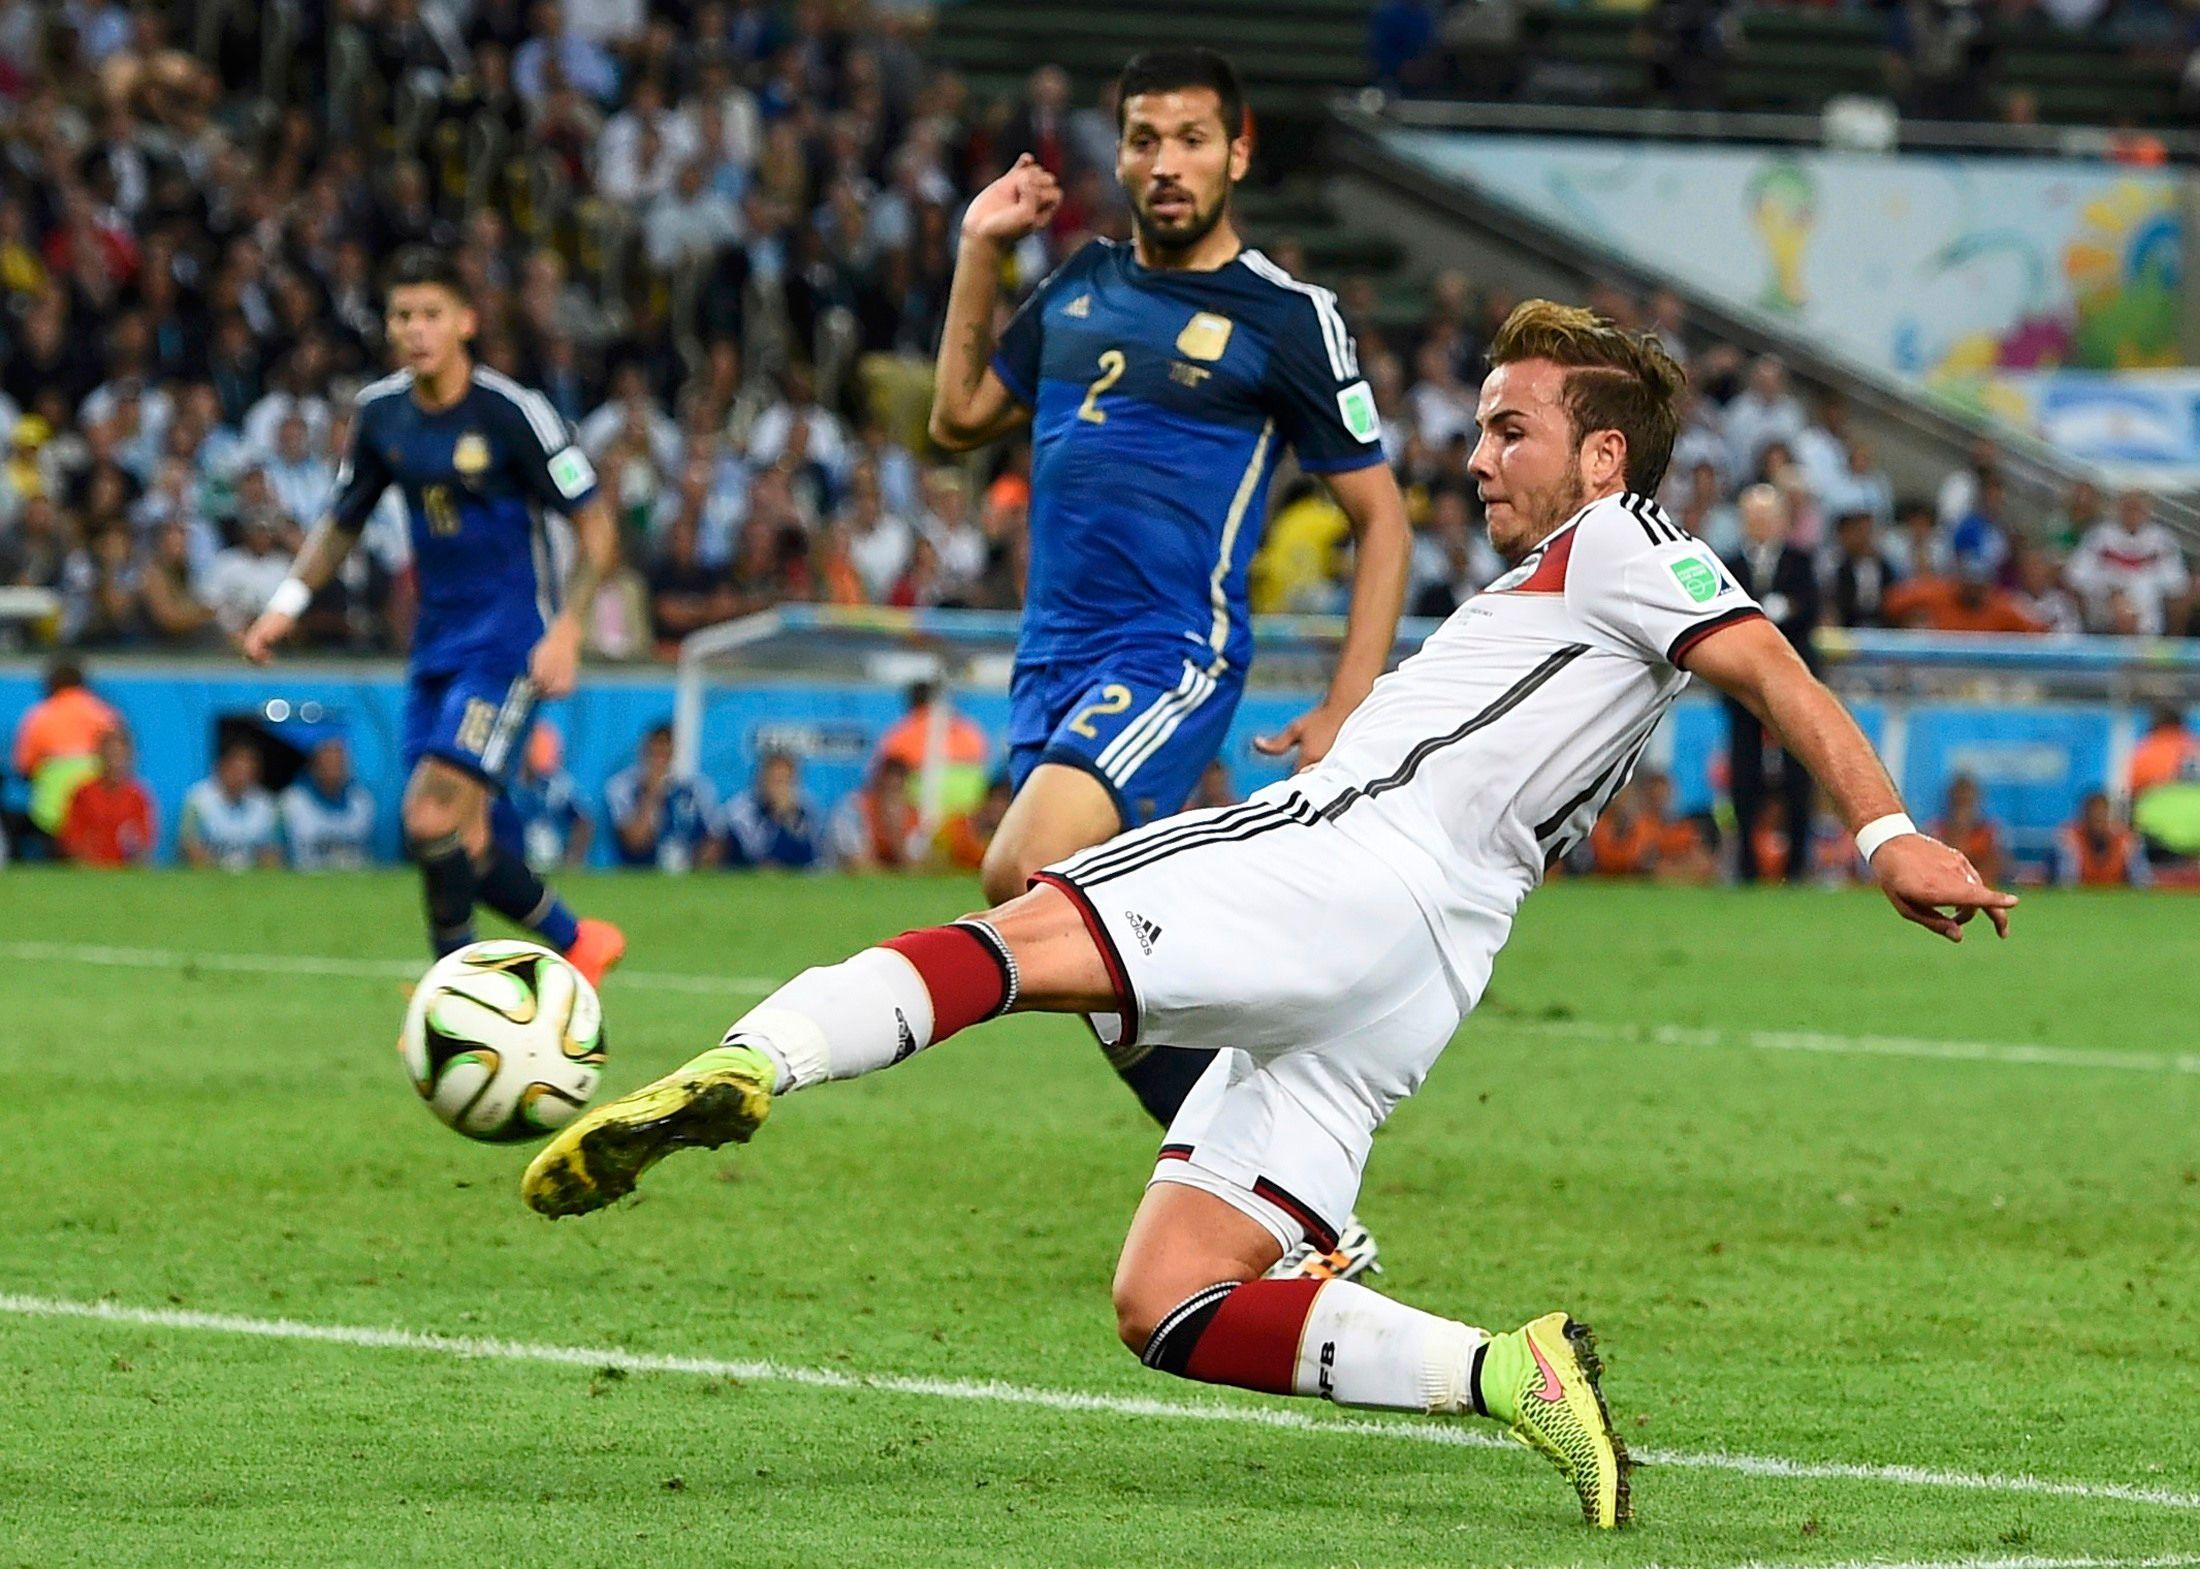 Le ballon Brazuca aurait influencé le jeu des footballers